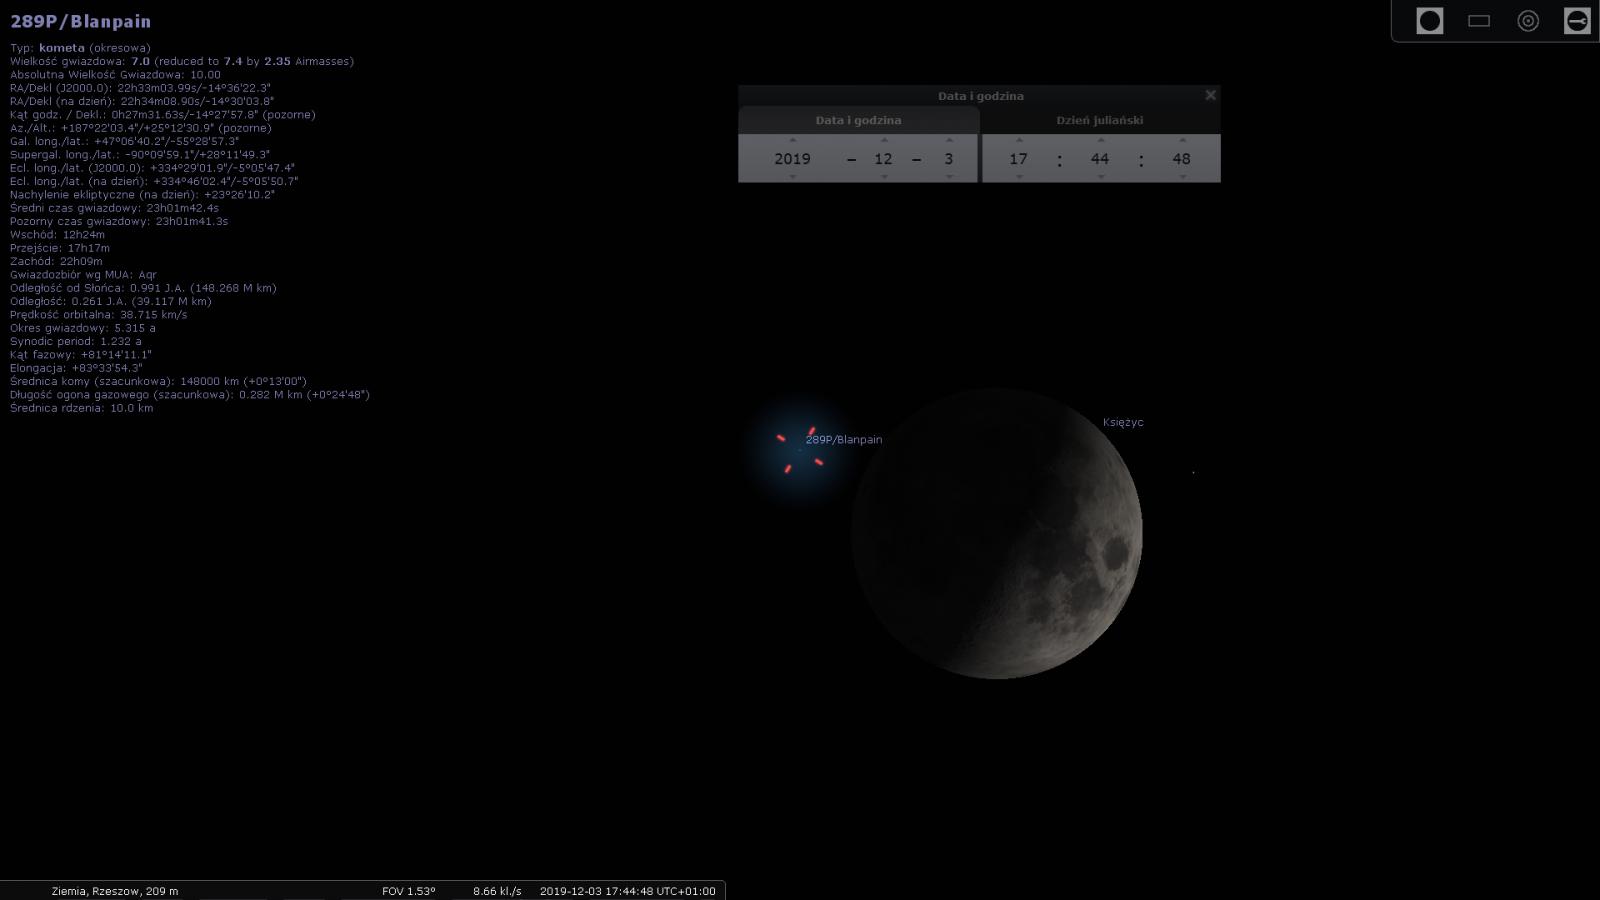 stellarium-009.png